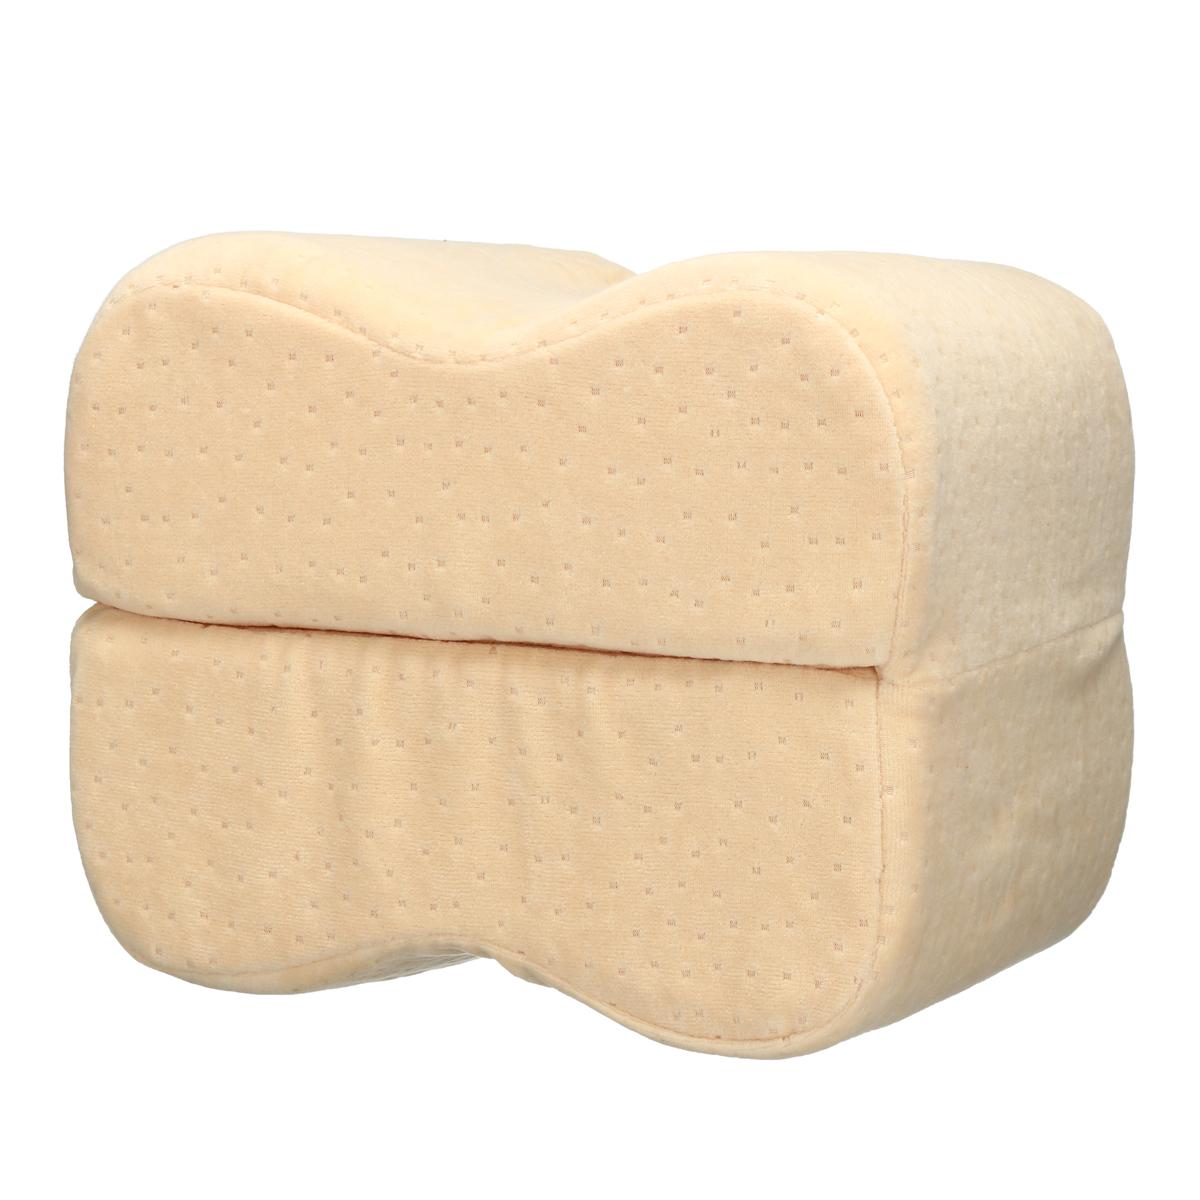 Подушка Sleep Foam Yoga Подушка для ног Спальники и боковые шпалы, эргономичный вариант пуховой альтернативы между и под - фото 9